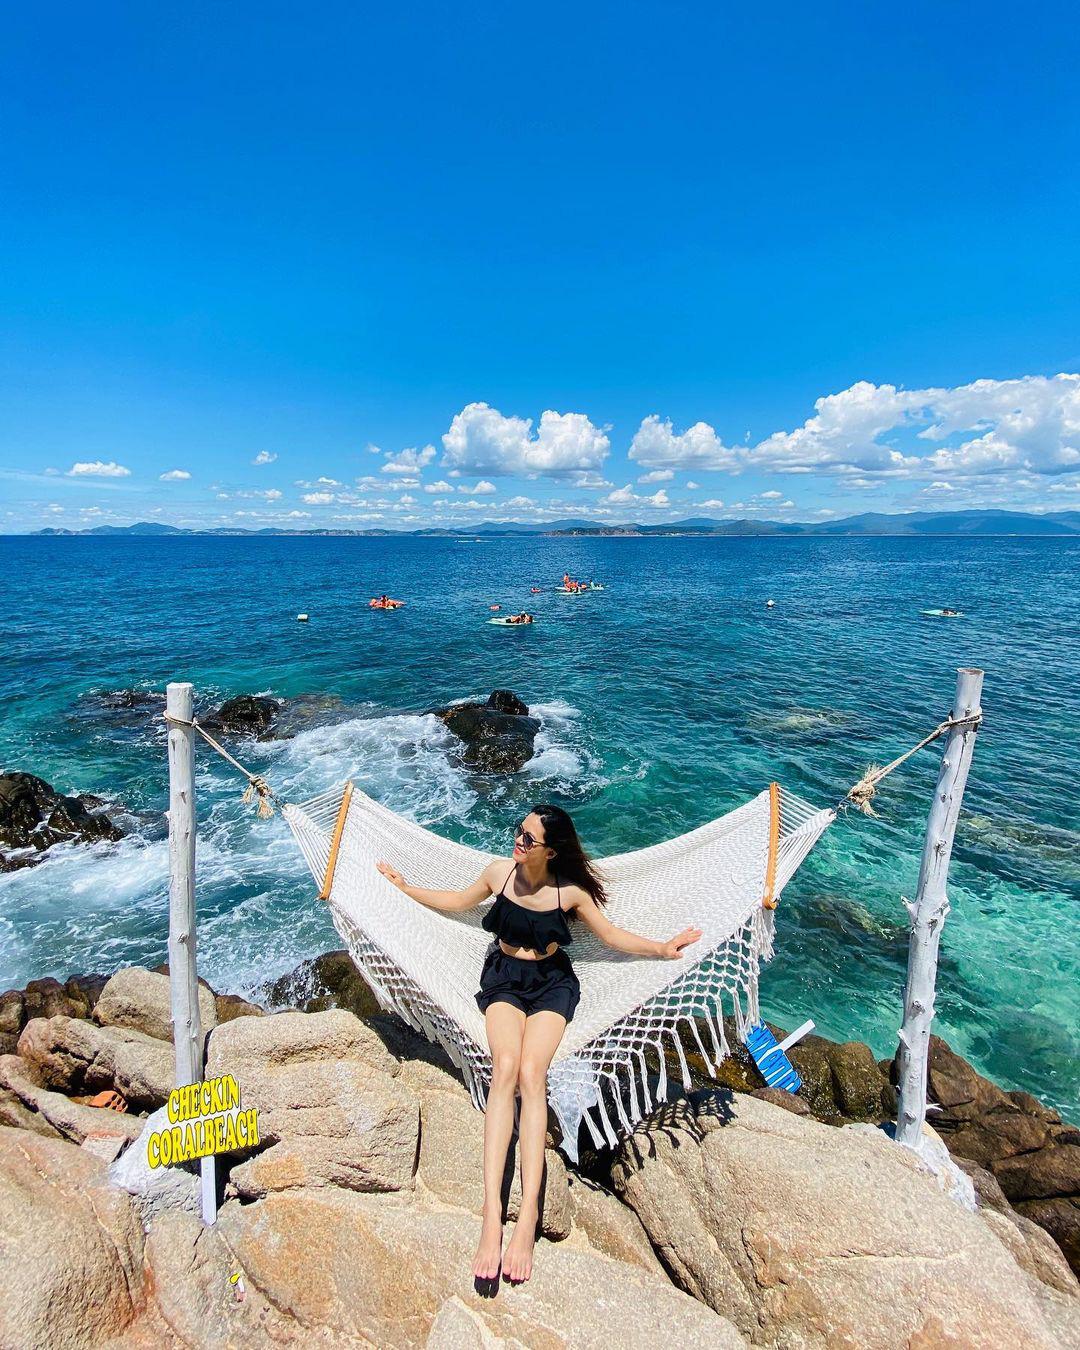 Nghe hội sành chơi mách nước lịch trình ngon - bổ - tiện nếu muốn cả tuần đều chill ở thiên đường biển đảo Quy Nhơn - Ảnh 13.